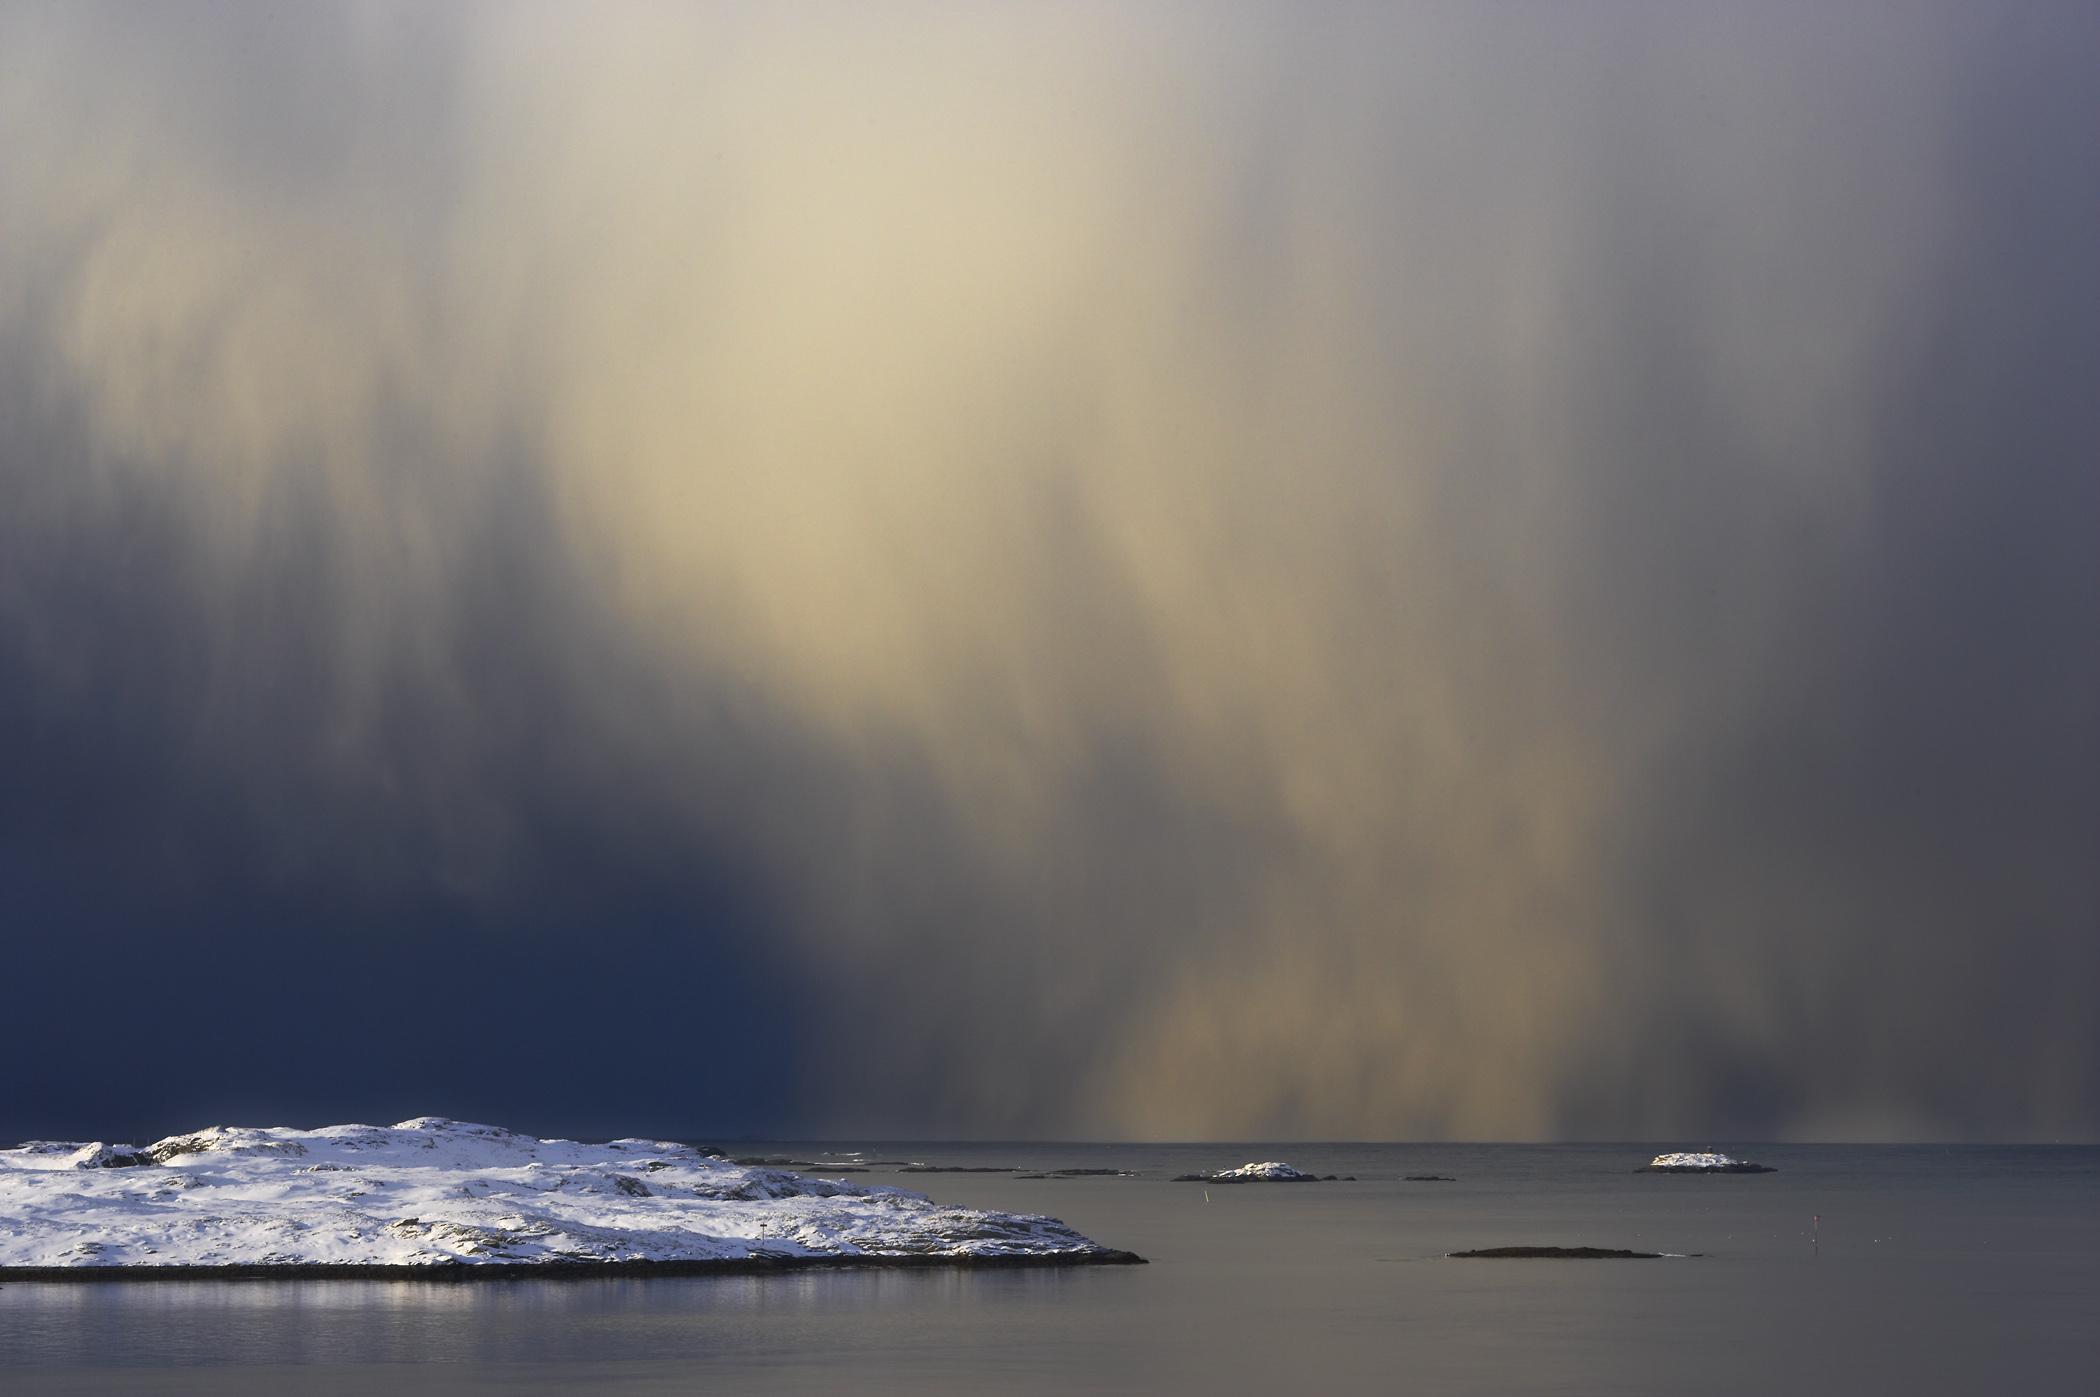 Vinterland Lofoten 2020. ©Bård Løken.